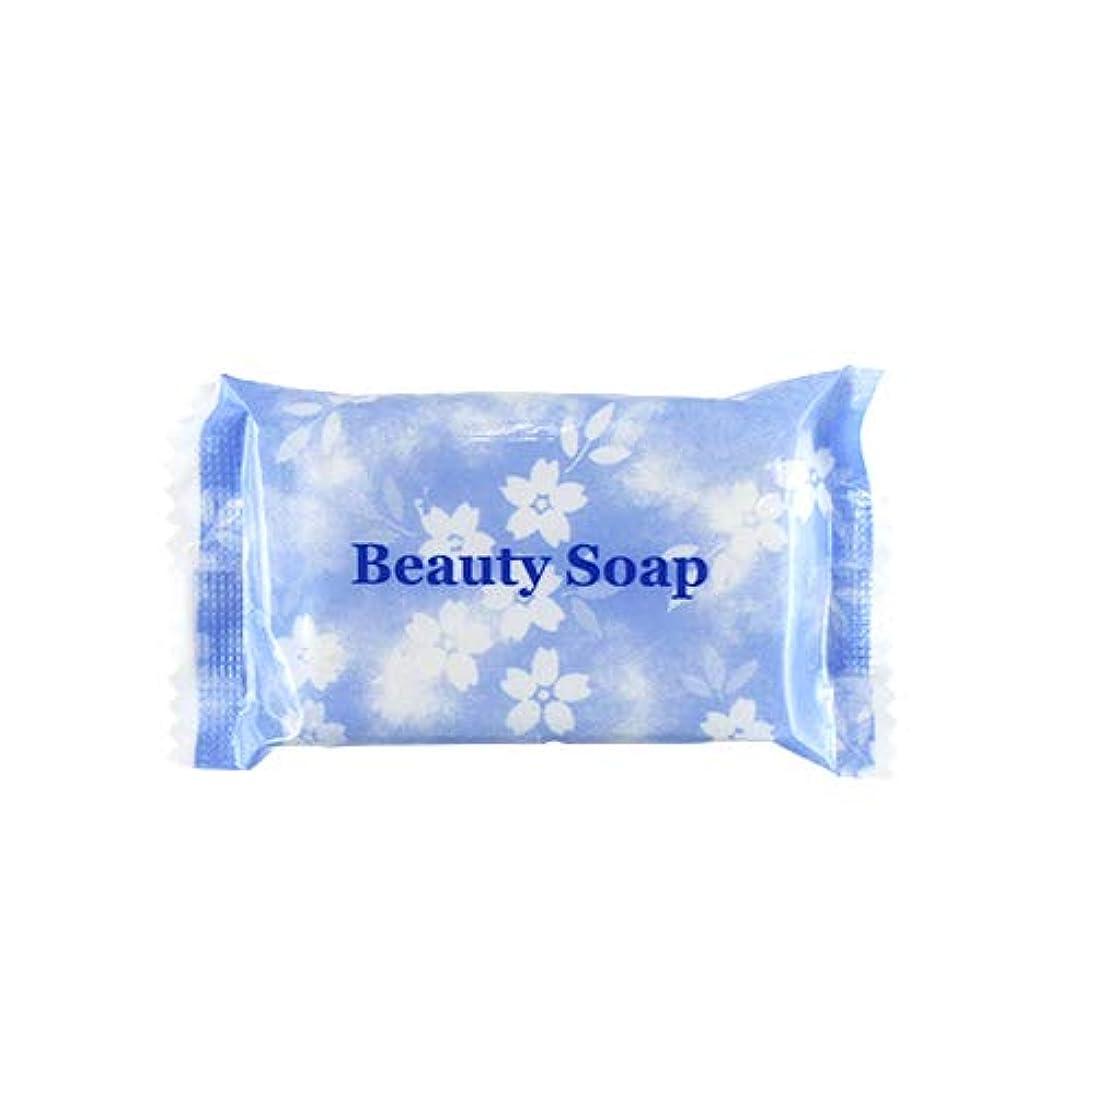 バング凍ったふくろう業務用 クロバーコーポレーション ビューティーソープ(Beauty Soap) 15g×100個セット | ホテルアメニティ 個包装